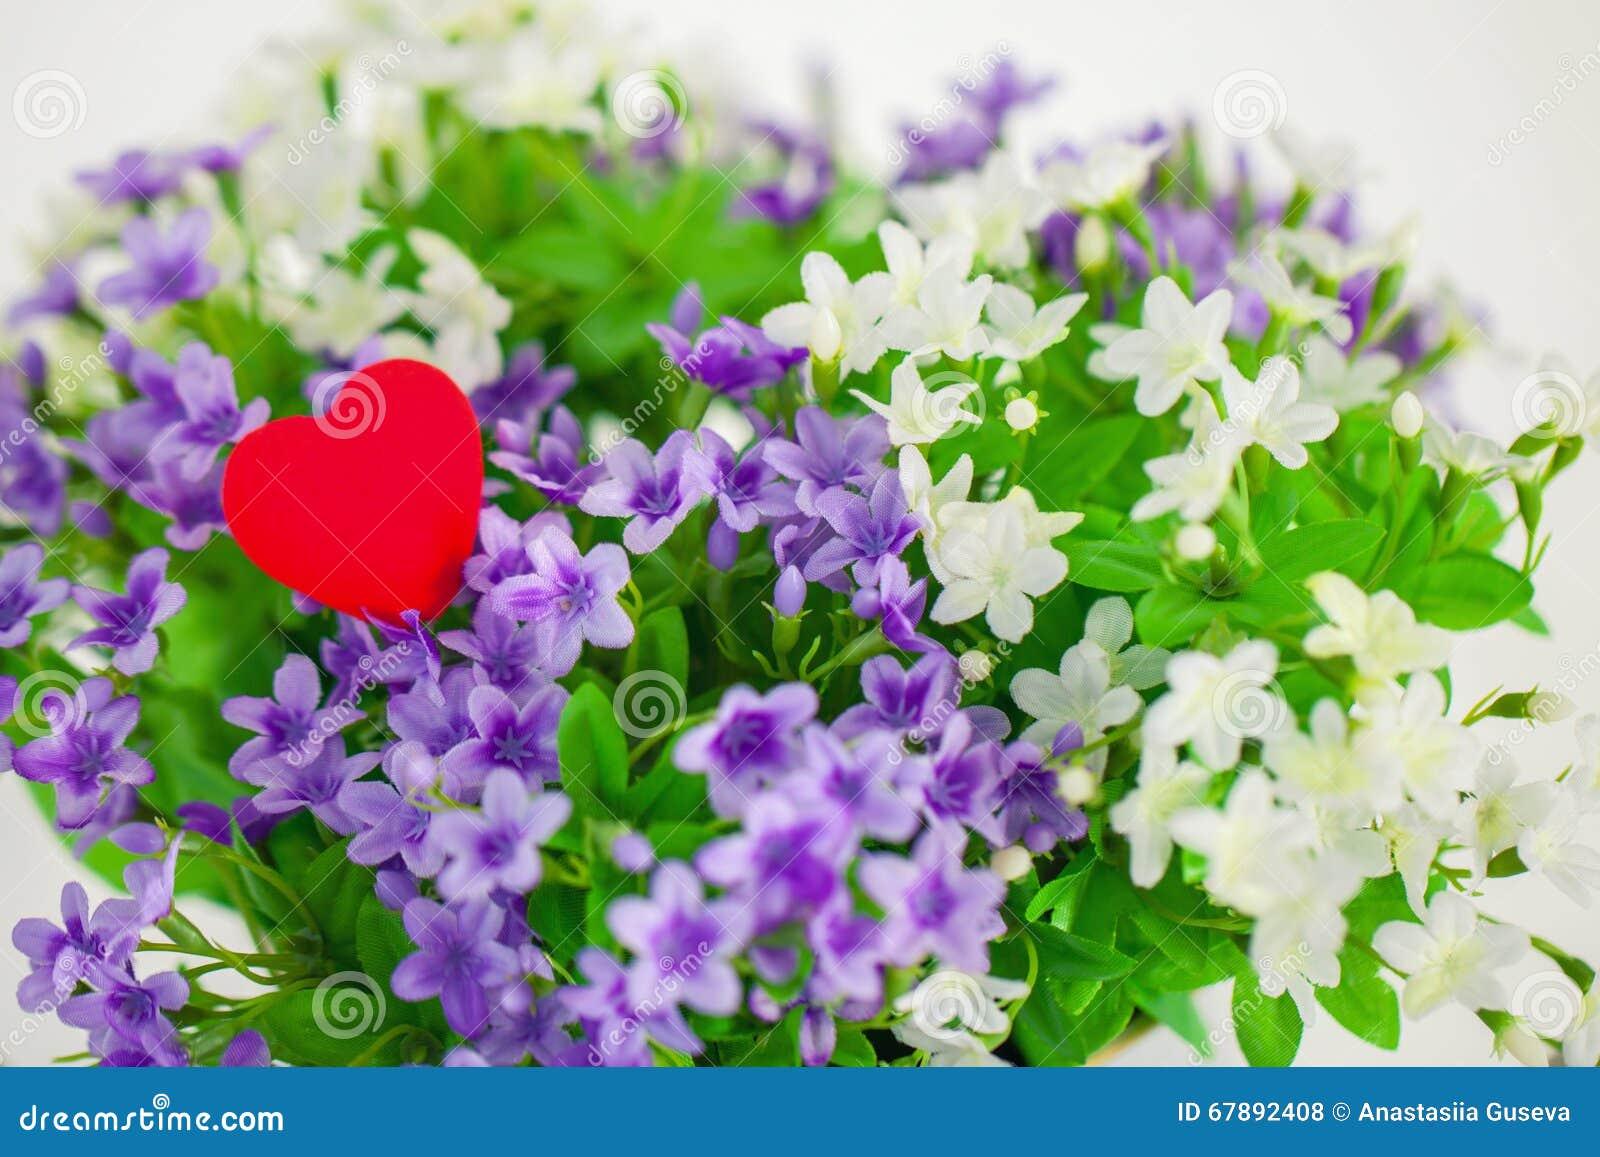 Coração, símbolo do amor em flores pequenas de um ramalhete